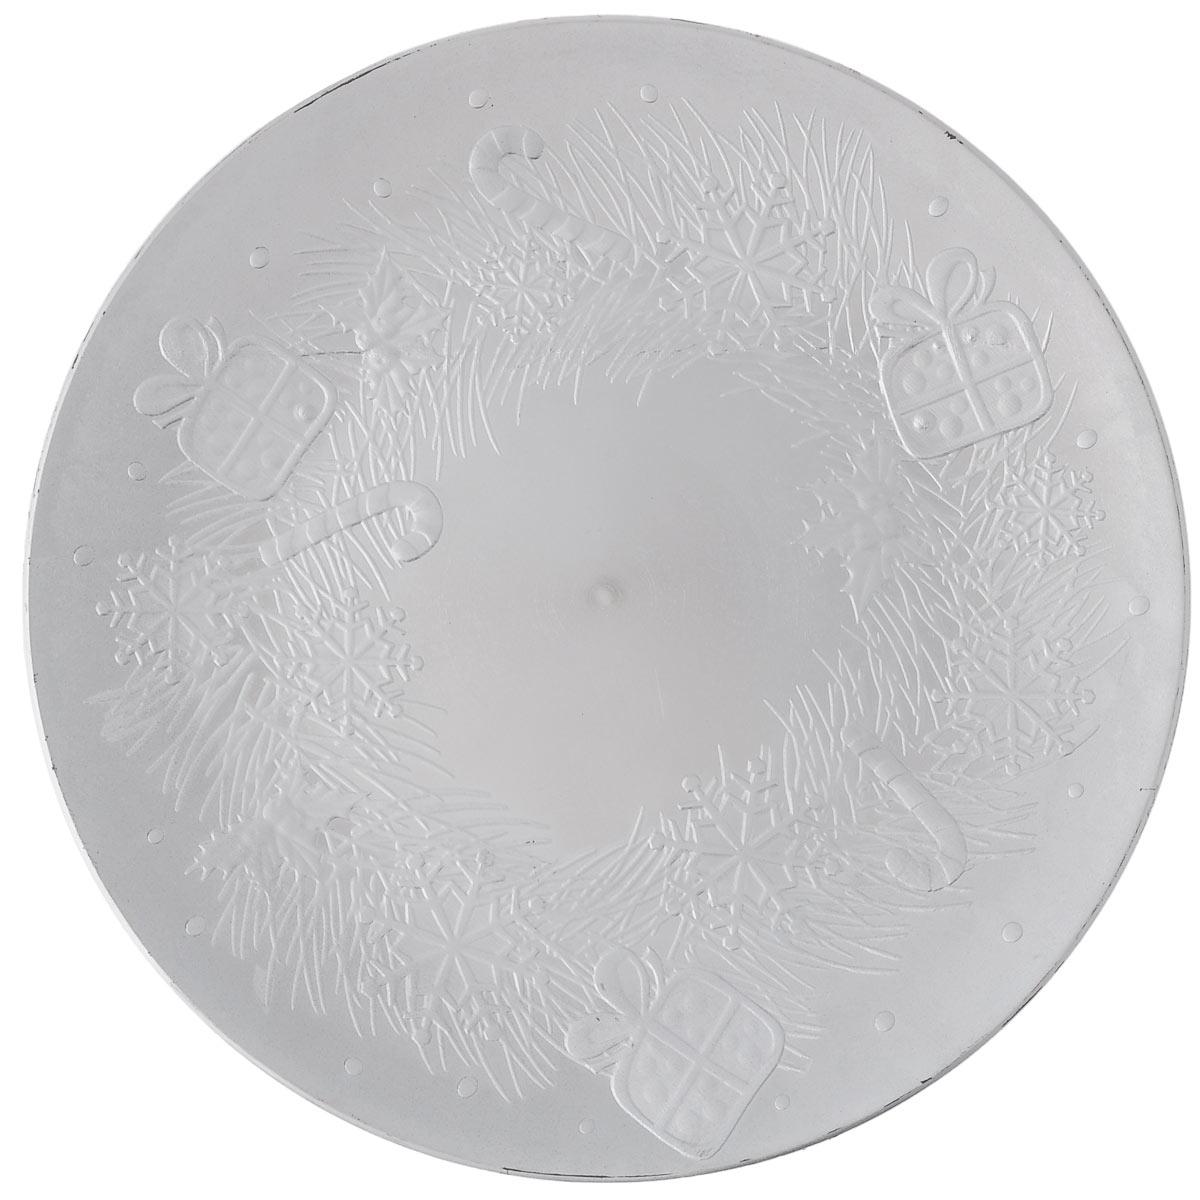 Блюдо Lillo Новогоднее, цвет: серебристый, диаметр 33 см13079 BБлюдо Lillo Новогоднее, выполненное из высококачественного пластика, оформлено объемными изображениями в виде подарков и снежинок. Блюдо Lillo Новогоднее доставит истинное удовольствие ценителям прекрасного. Яркий дизайн, несомненно придется вам по вкусу. Диаметр: 33 см. Высота стенки: 2 см.